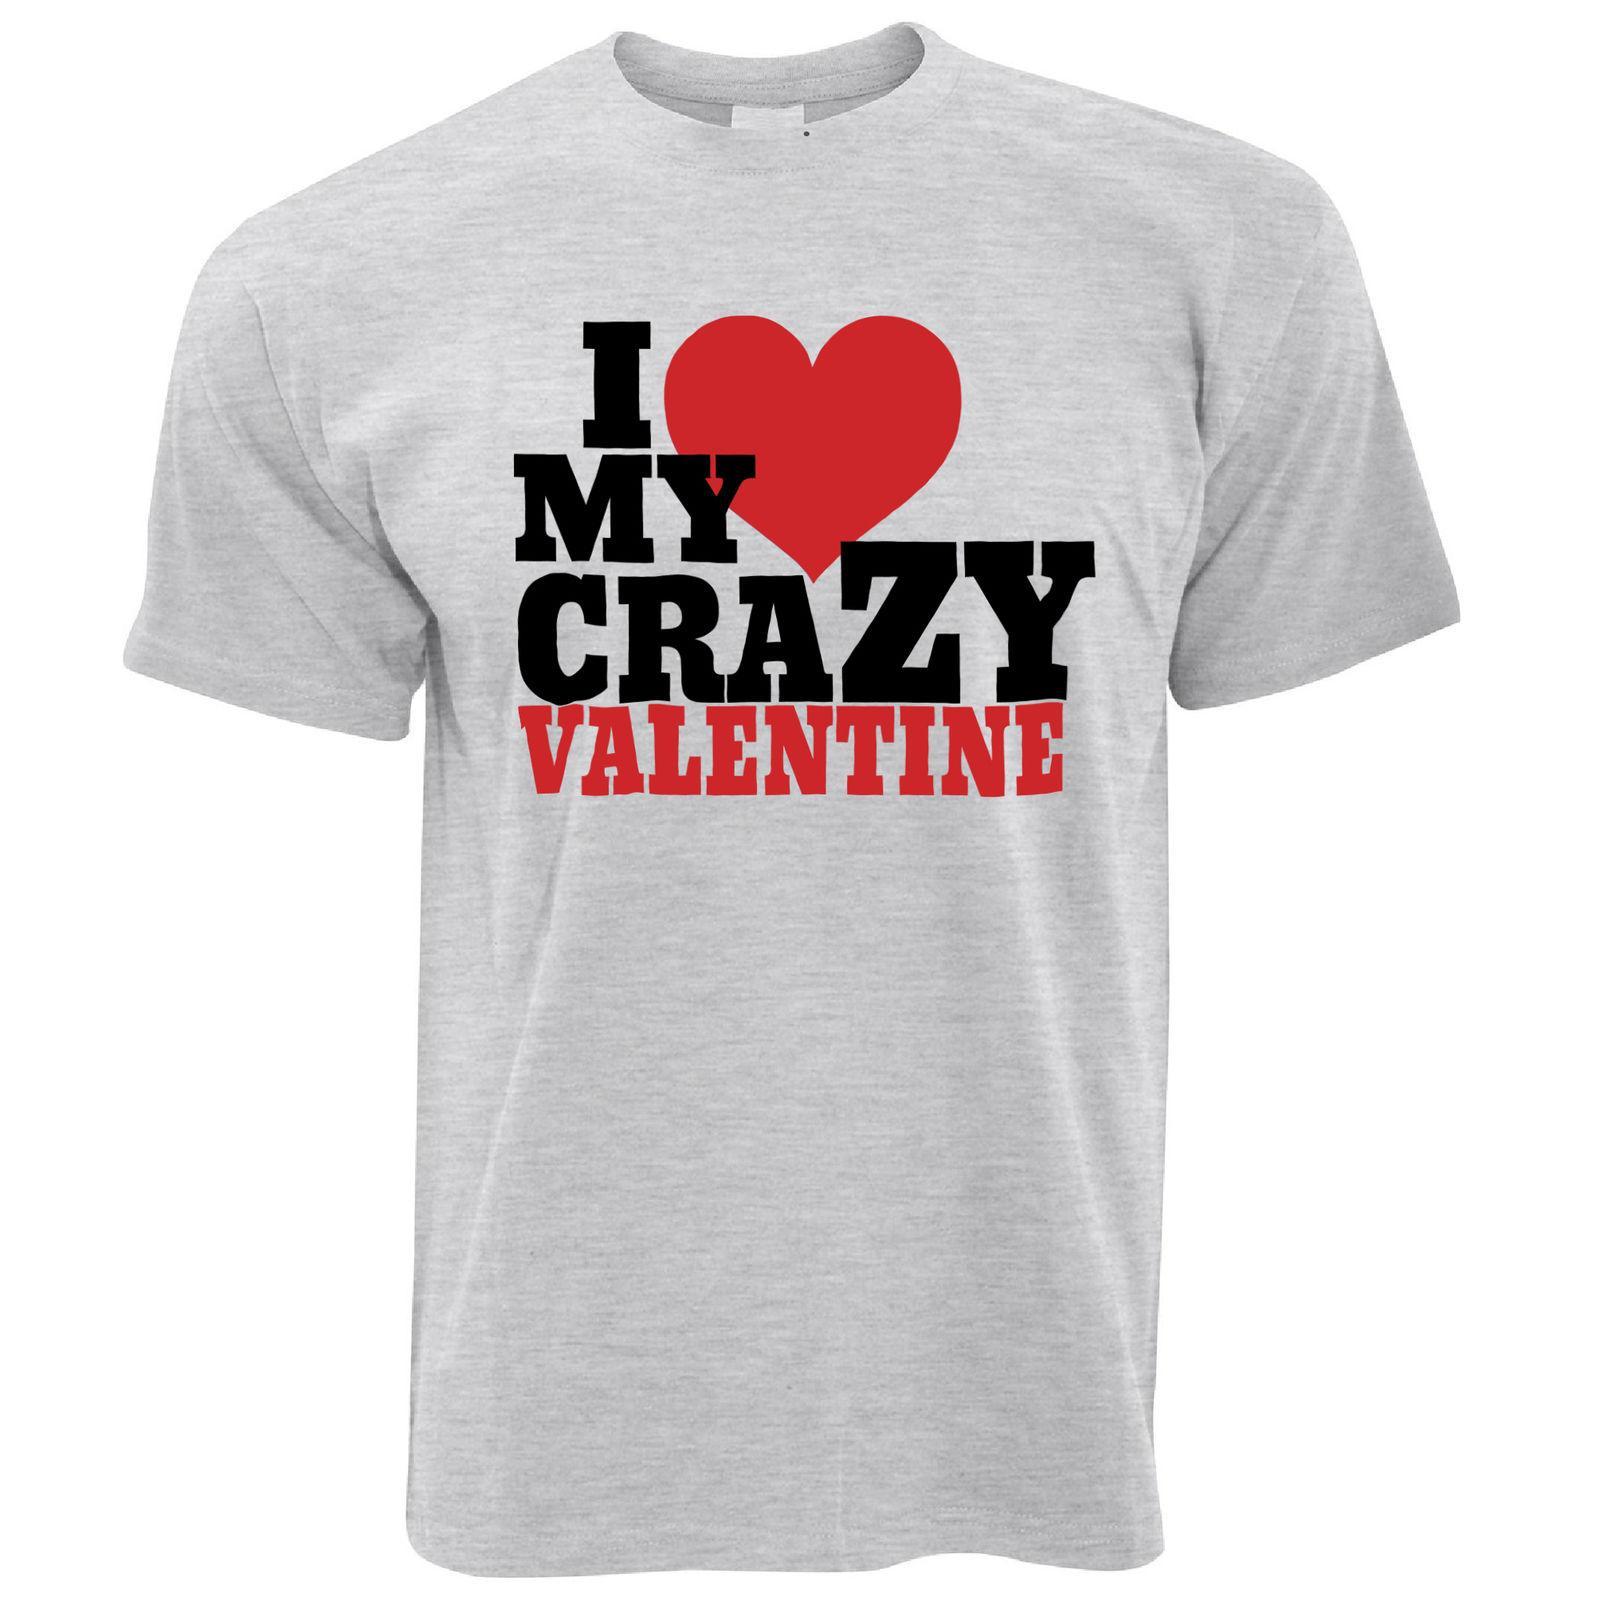 Couples T Shirt I Love My Crazy Valentine Valentine S Day Sassy Joke